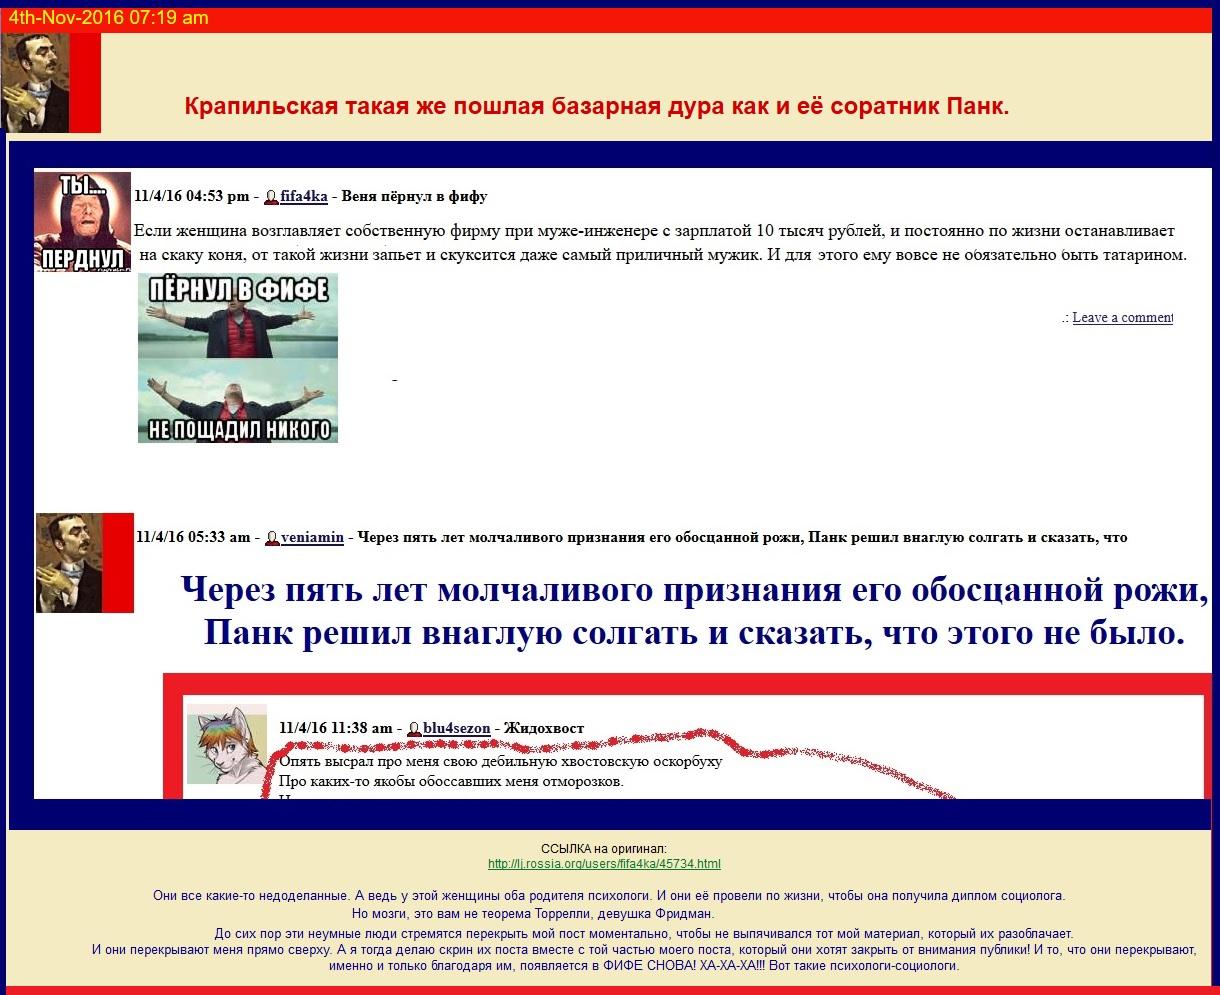 Жидоеды Панк, Крапильская и др.(0).jpg